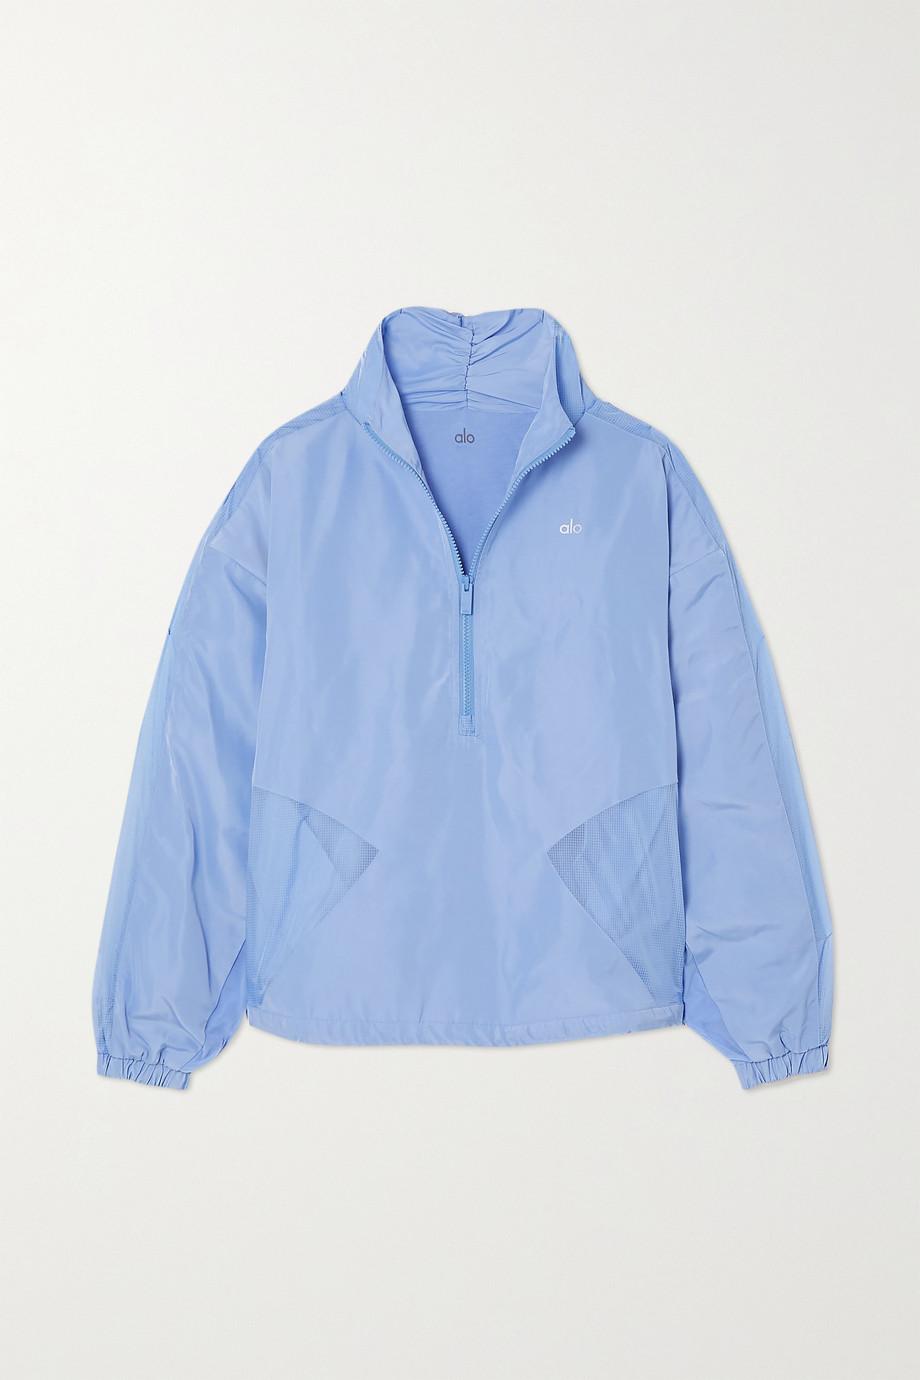 Alo Yoga Renewal shell jacket